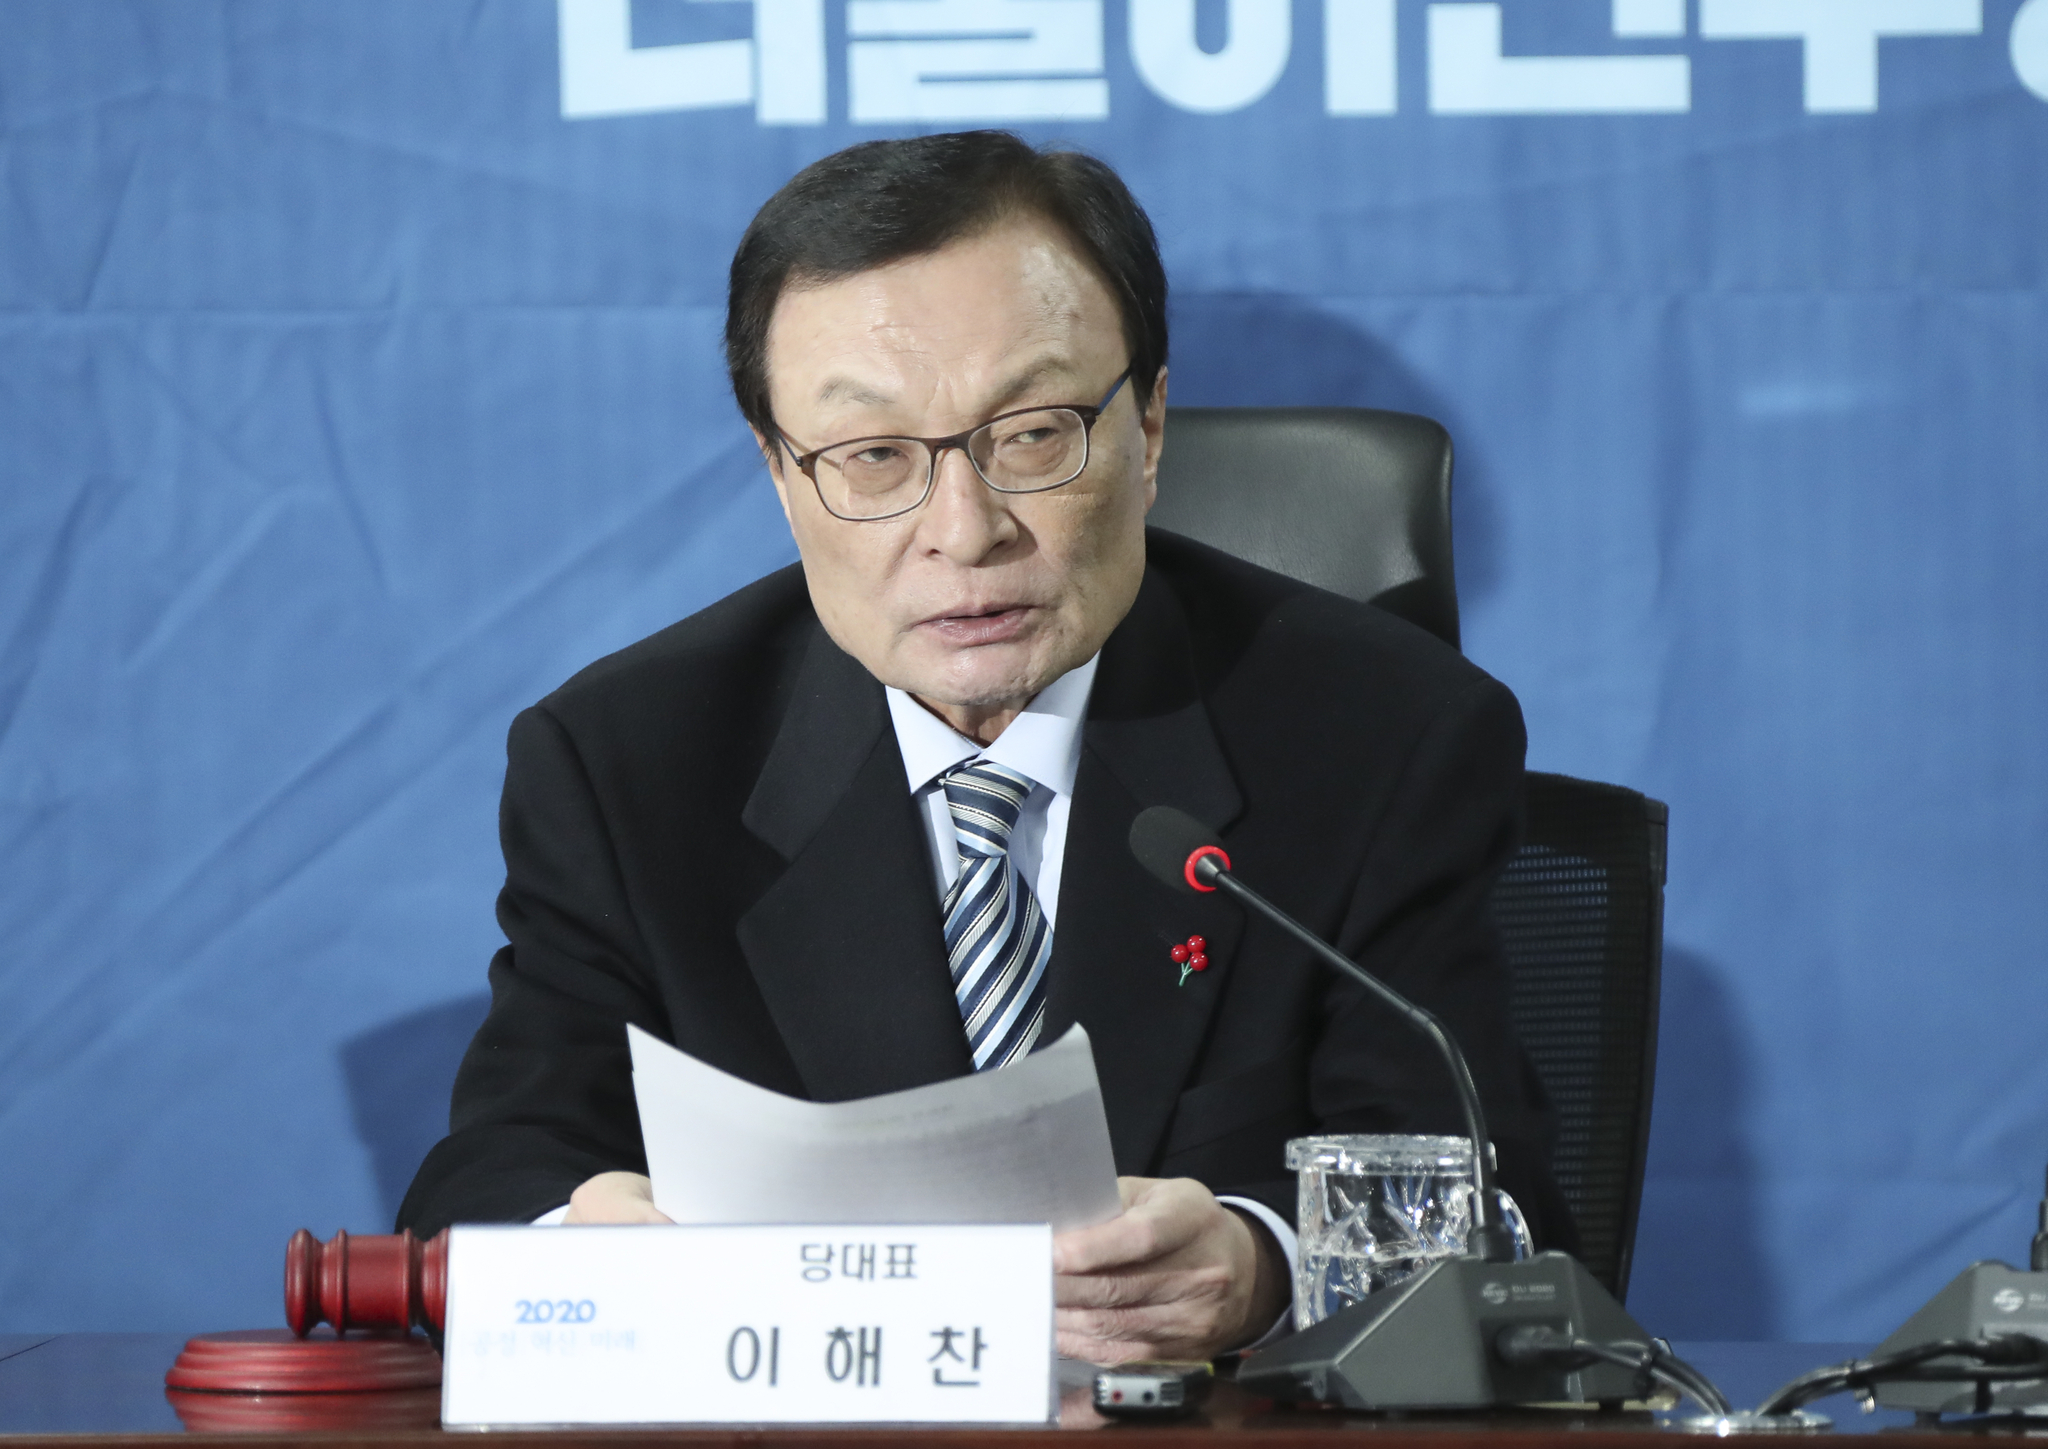 이해찬 더불어민주당 대표가 17일 국회 의원회관에서 열린 확대간부회의에서 발언하고 있다.    임현동 기자